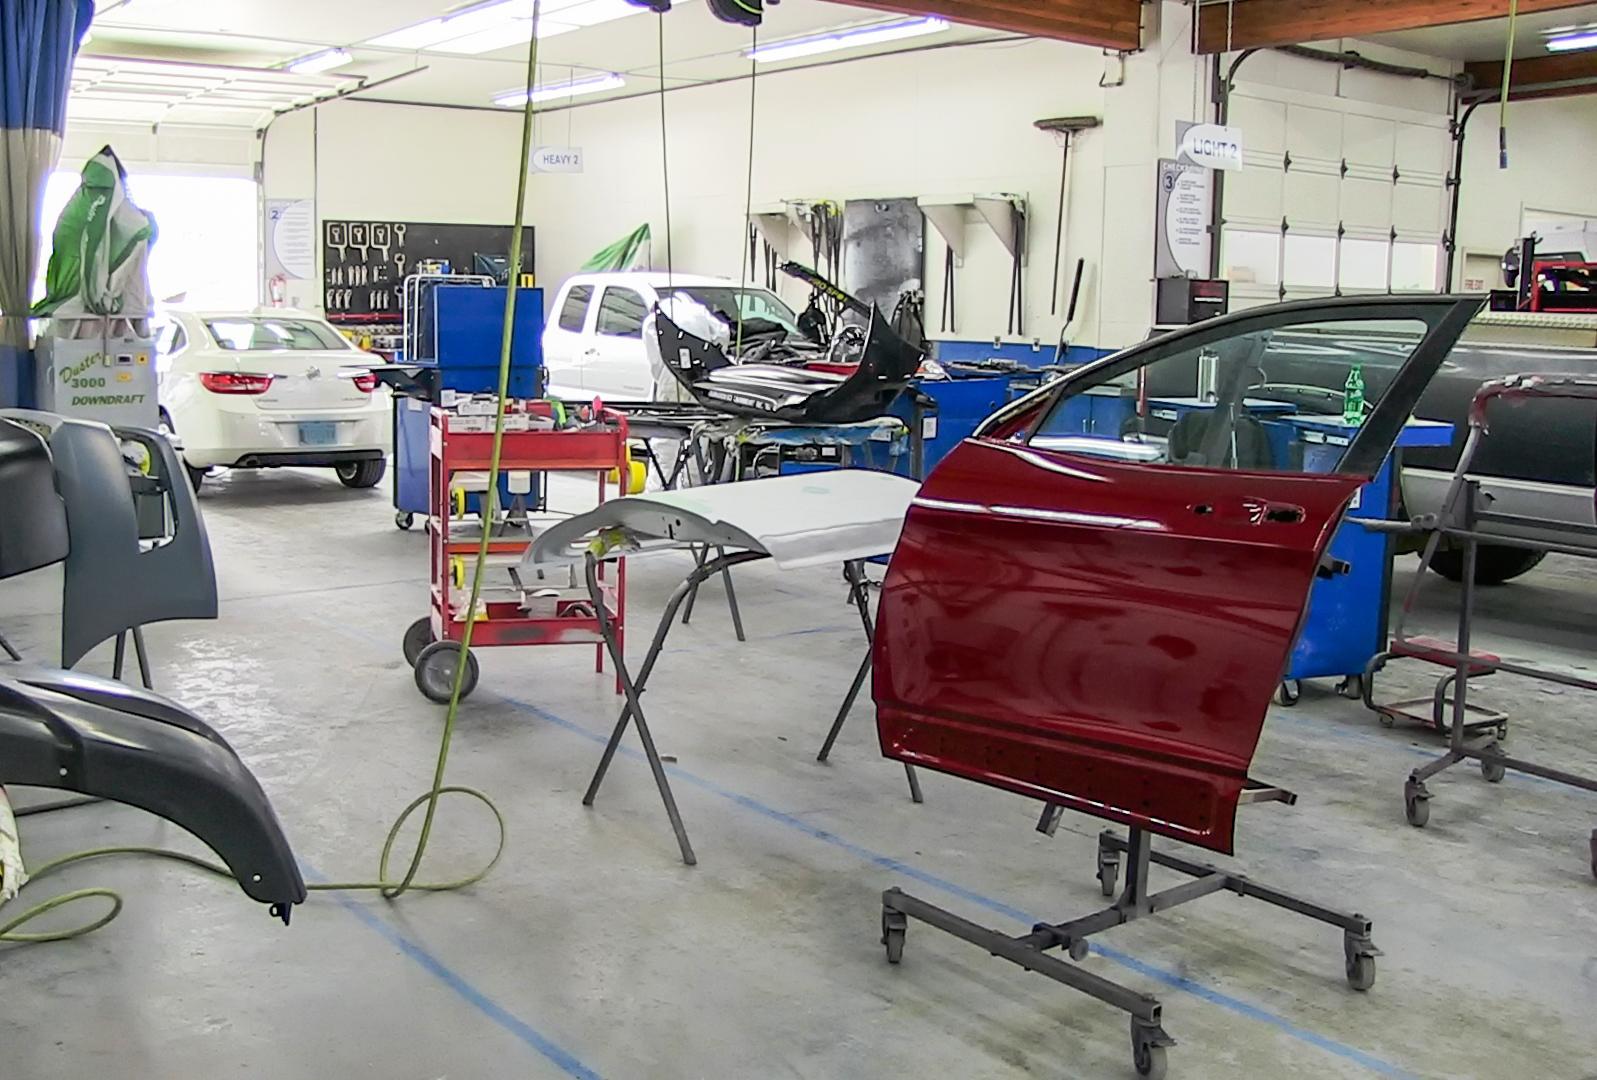 Reliable Auto Body Ltd in Courtenay